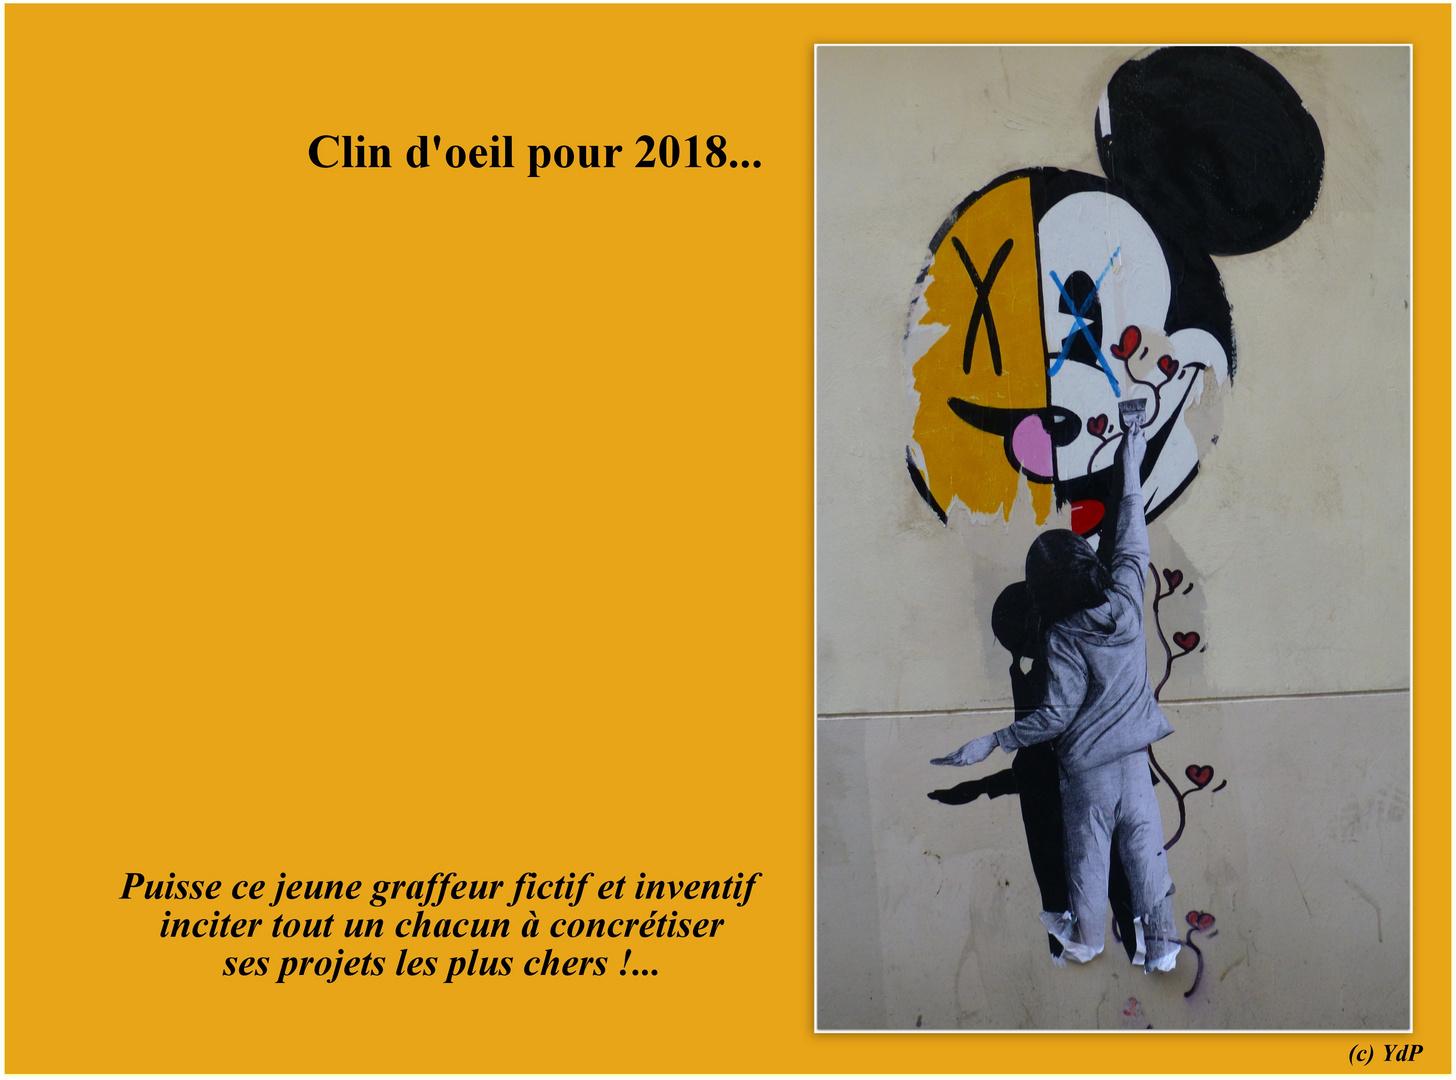 Clin d'oeil pour 2018...